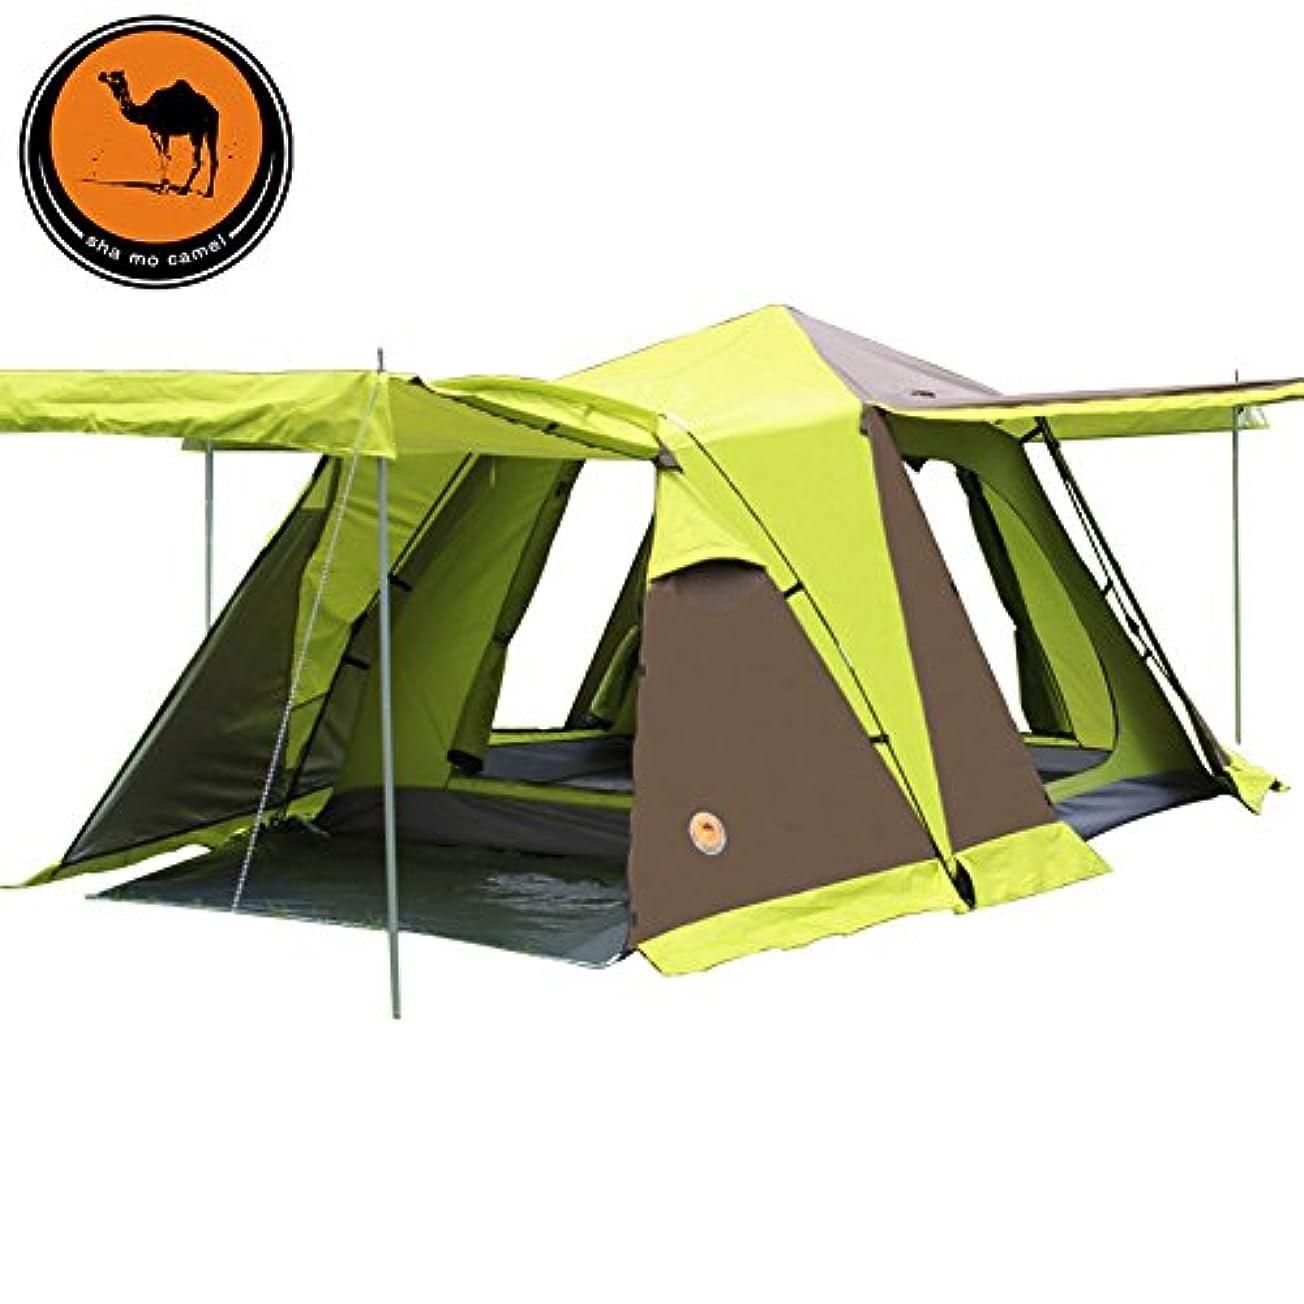 ダイバーきらめく揮発性中型 テント キャンプ用品 アウトドア用品 サンシェードテント 組み立て簡単(3-4人用)【perfectten】